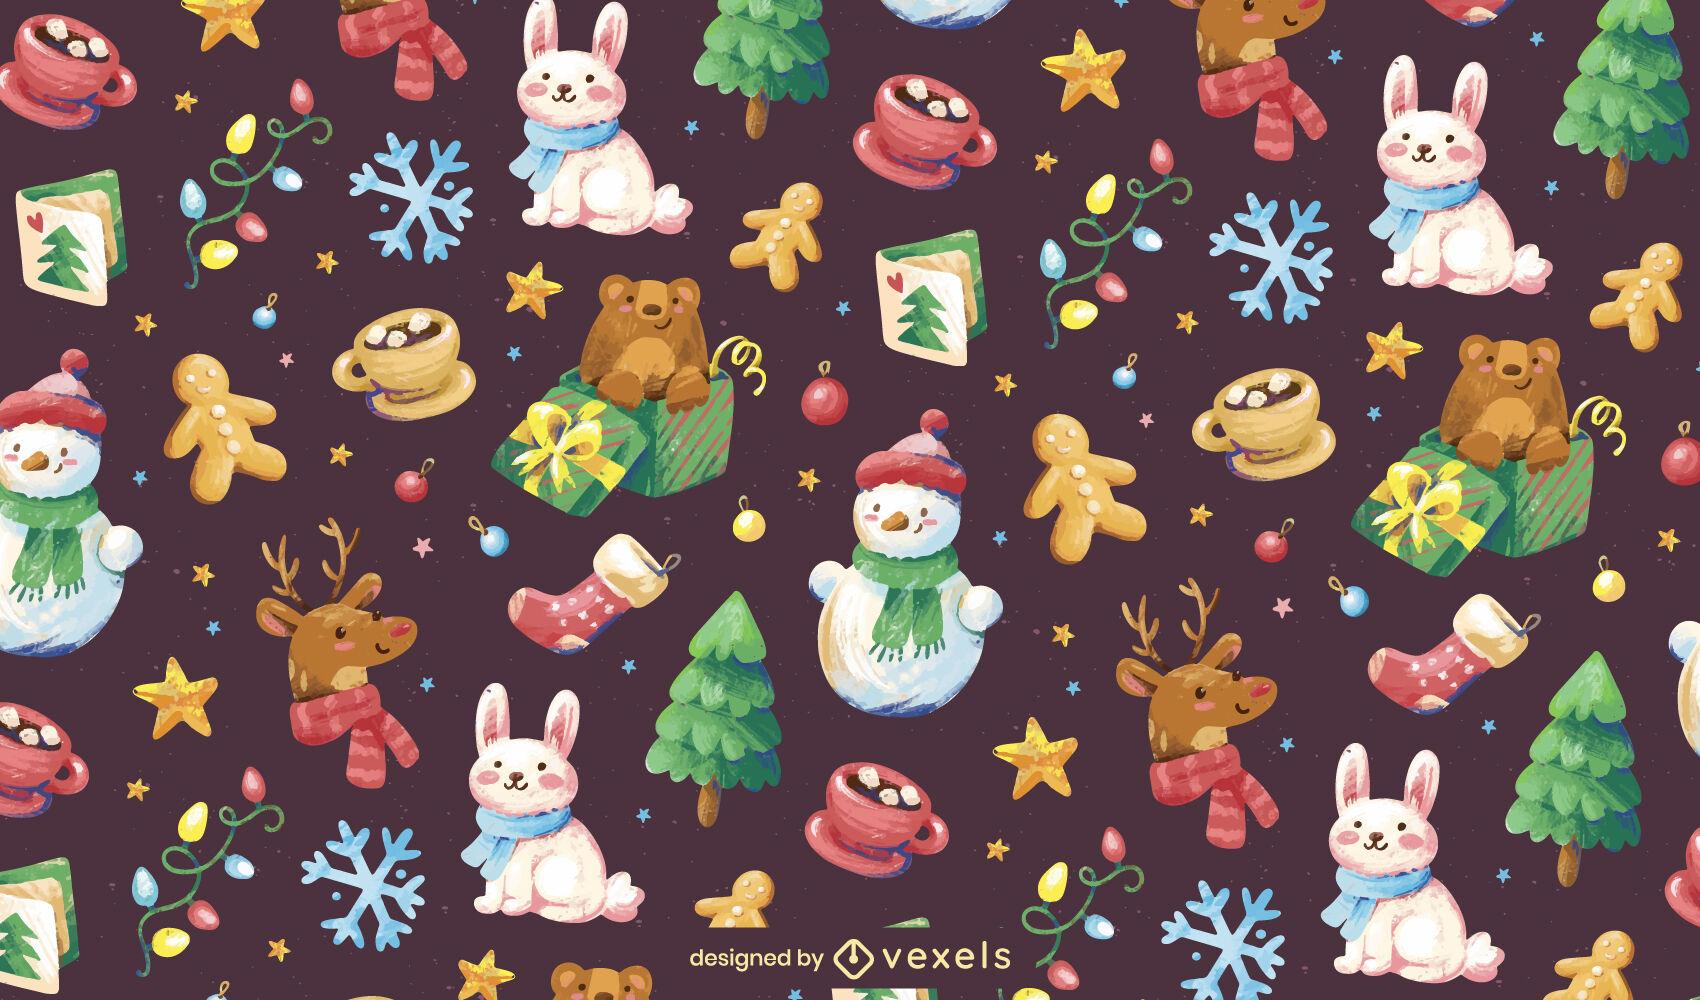 Diseño de patrón de elementos de vacaciones de Navidad